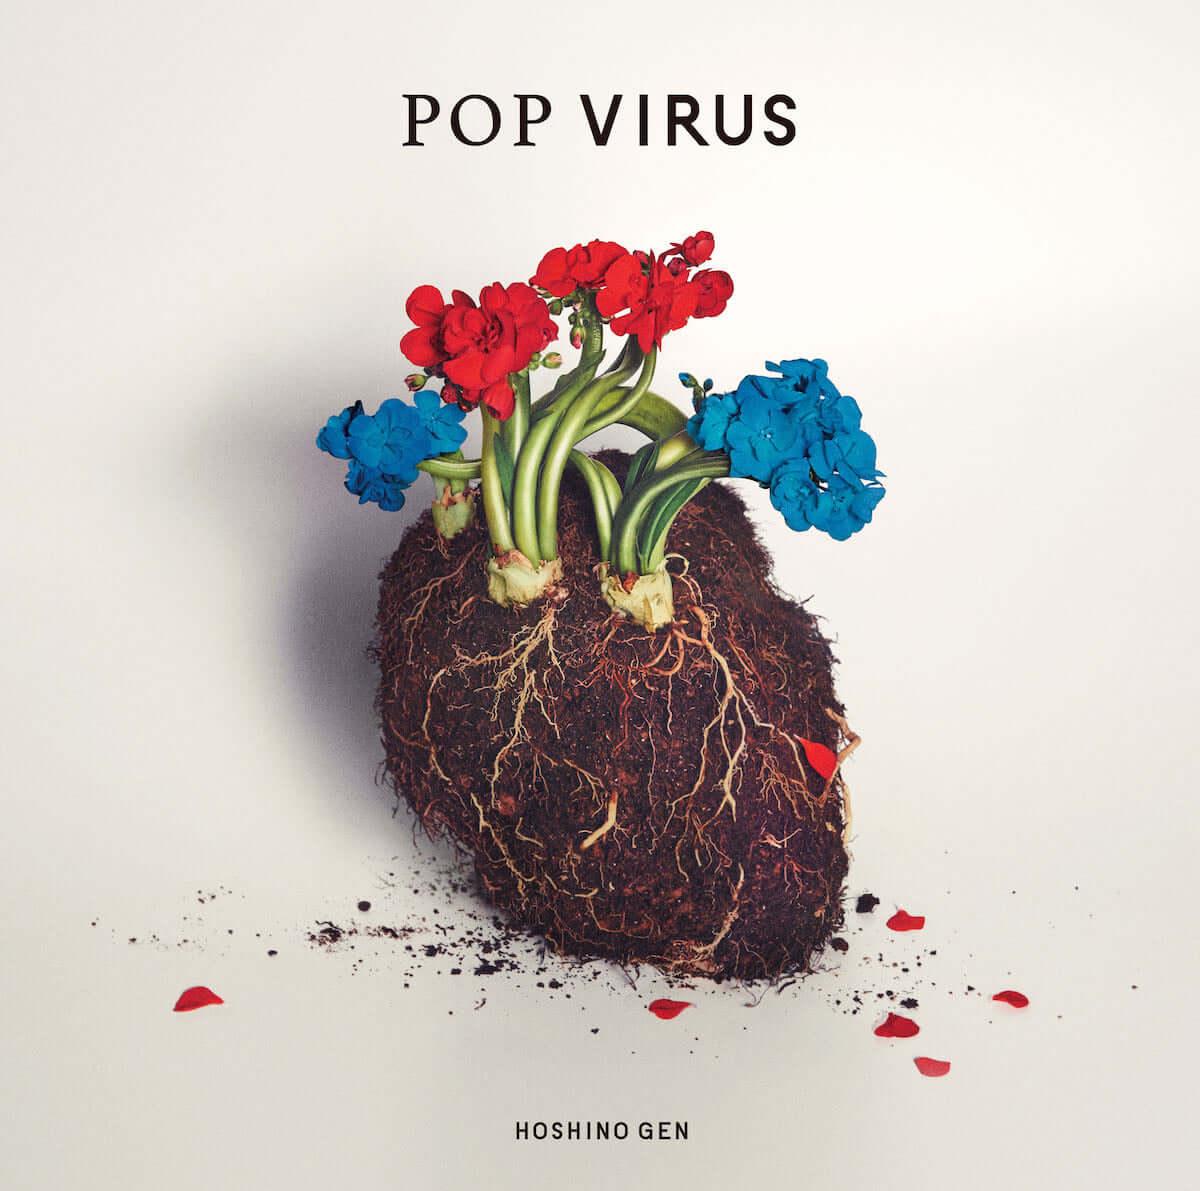 星野源、アルバム『POP VIRUS』で史上初の「CDショップ大賞」大賞2度目の受賞! music190318_hoshinogen_1-1200x1191